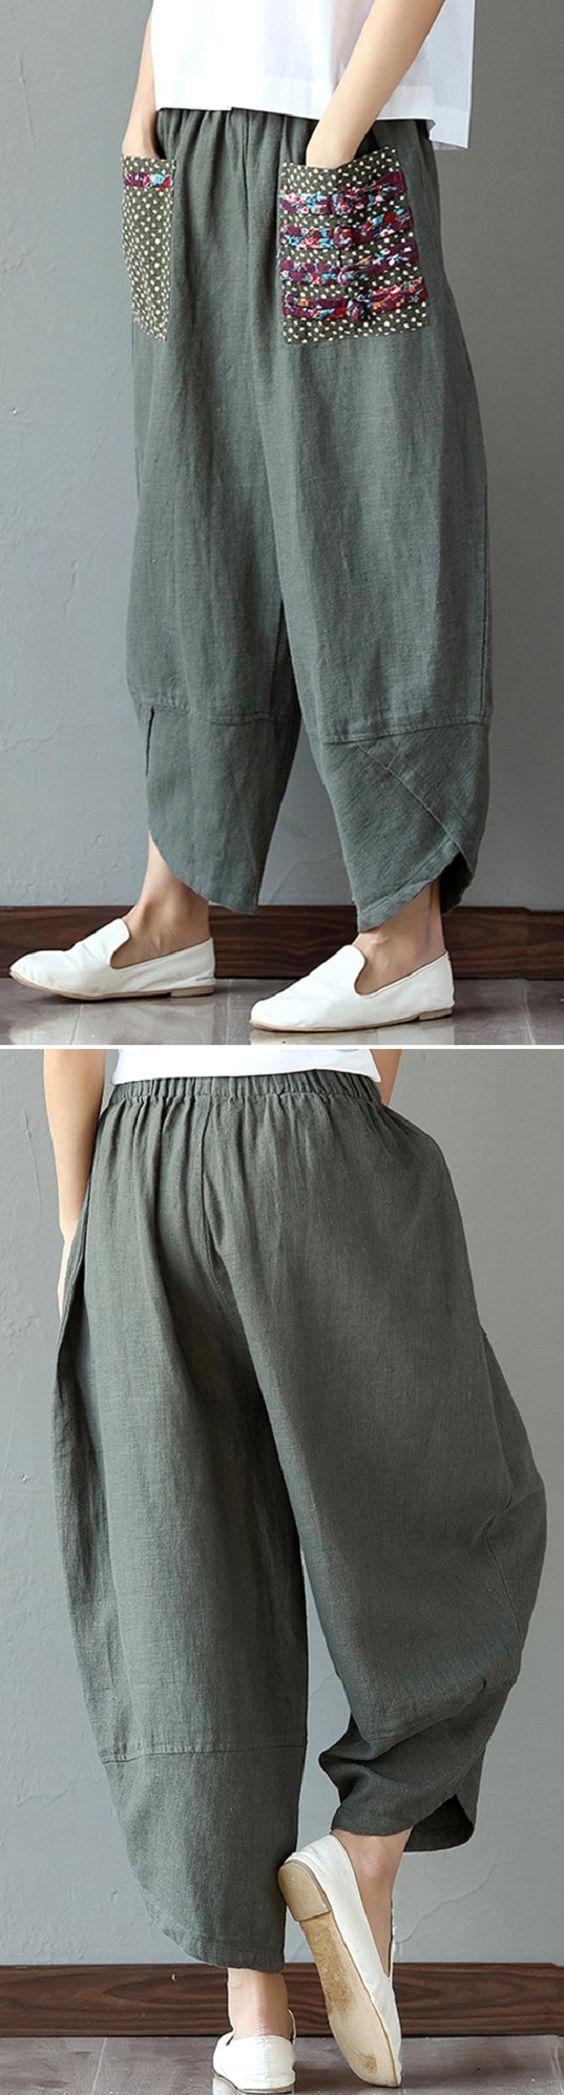 US$ 28.23 Casual Pri  US$ 28.23 Casual Print Patchwork Loose Irregular Pants For Women